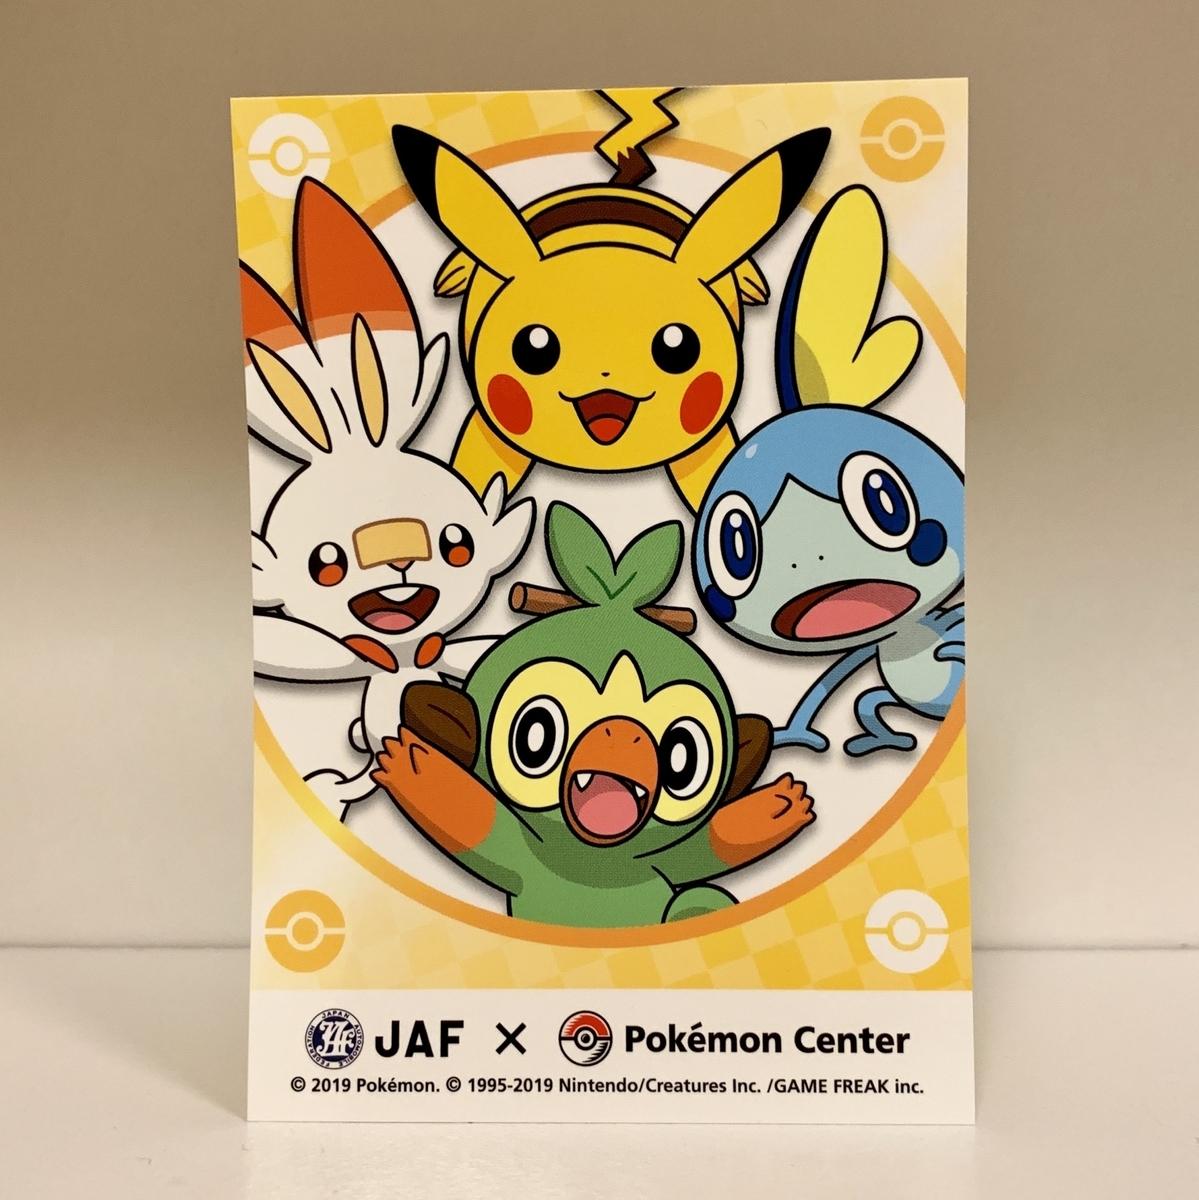 f:id:pikachu_pcn:20191203194639j:plain